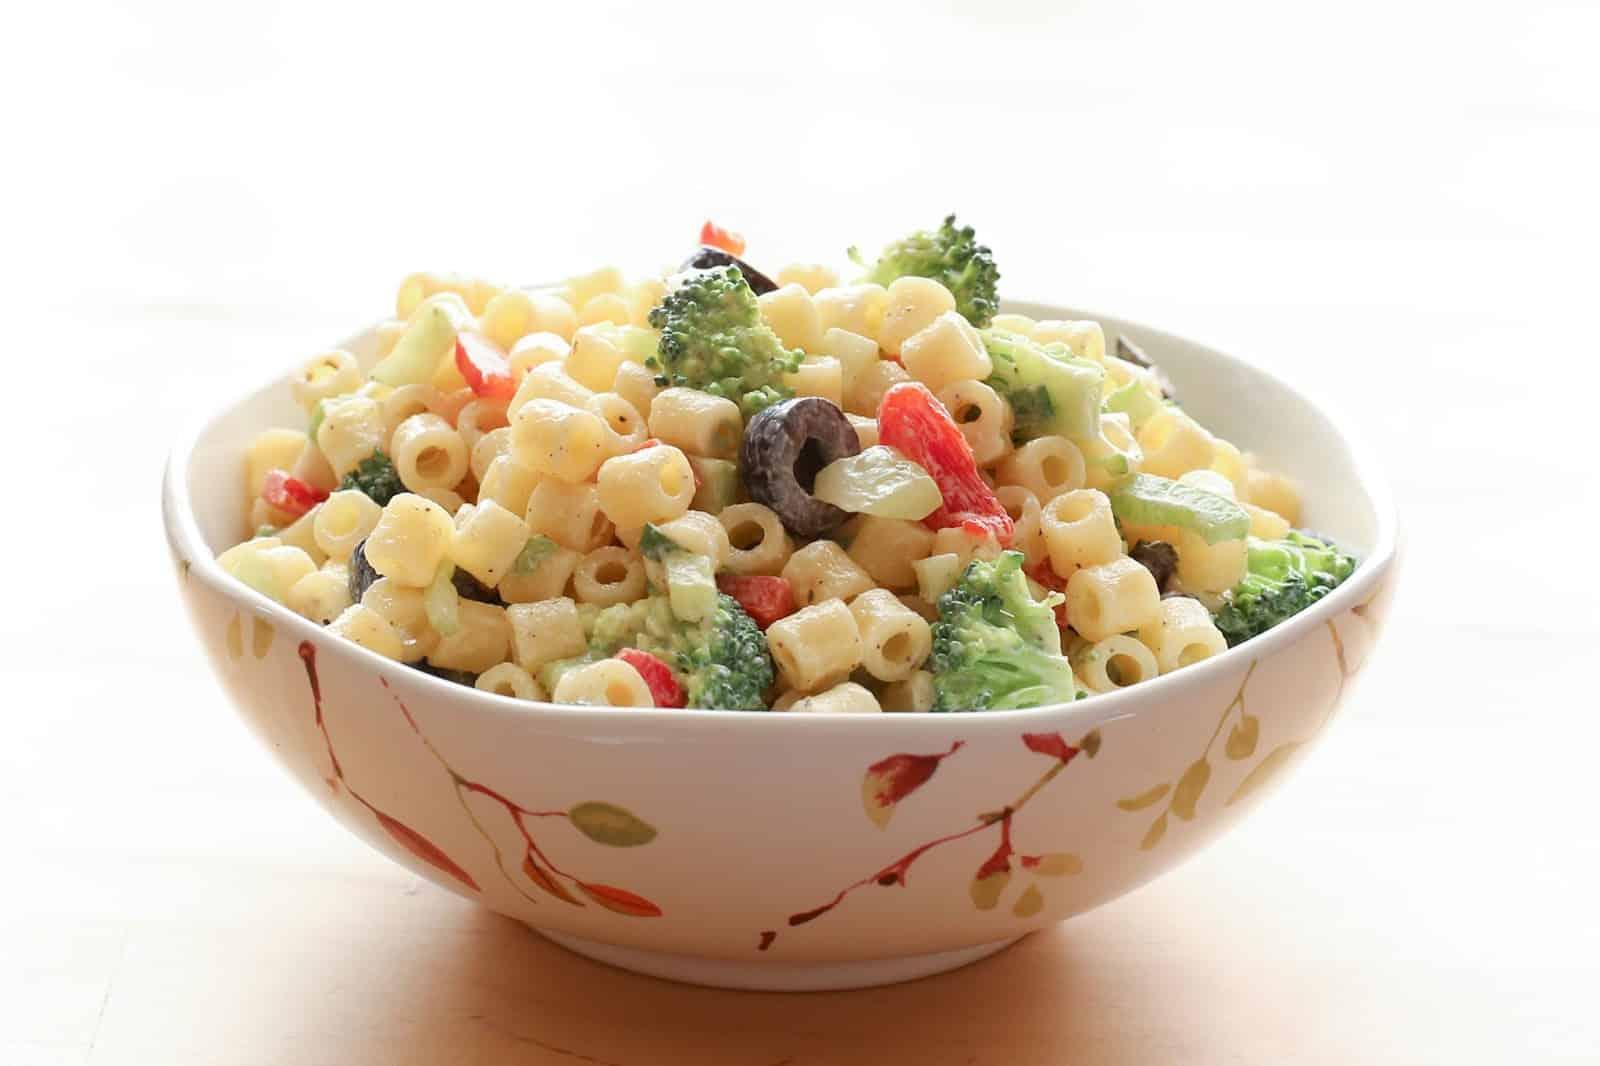 Wedding salads - recipes without mayonnaise 98